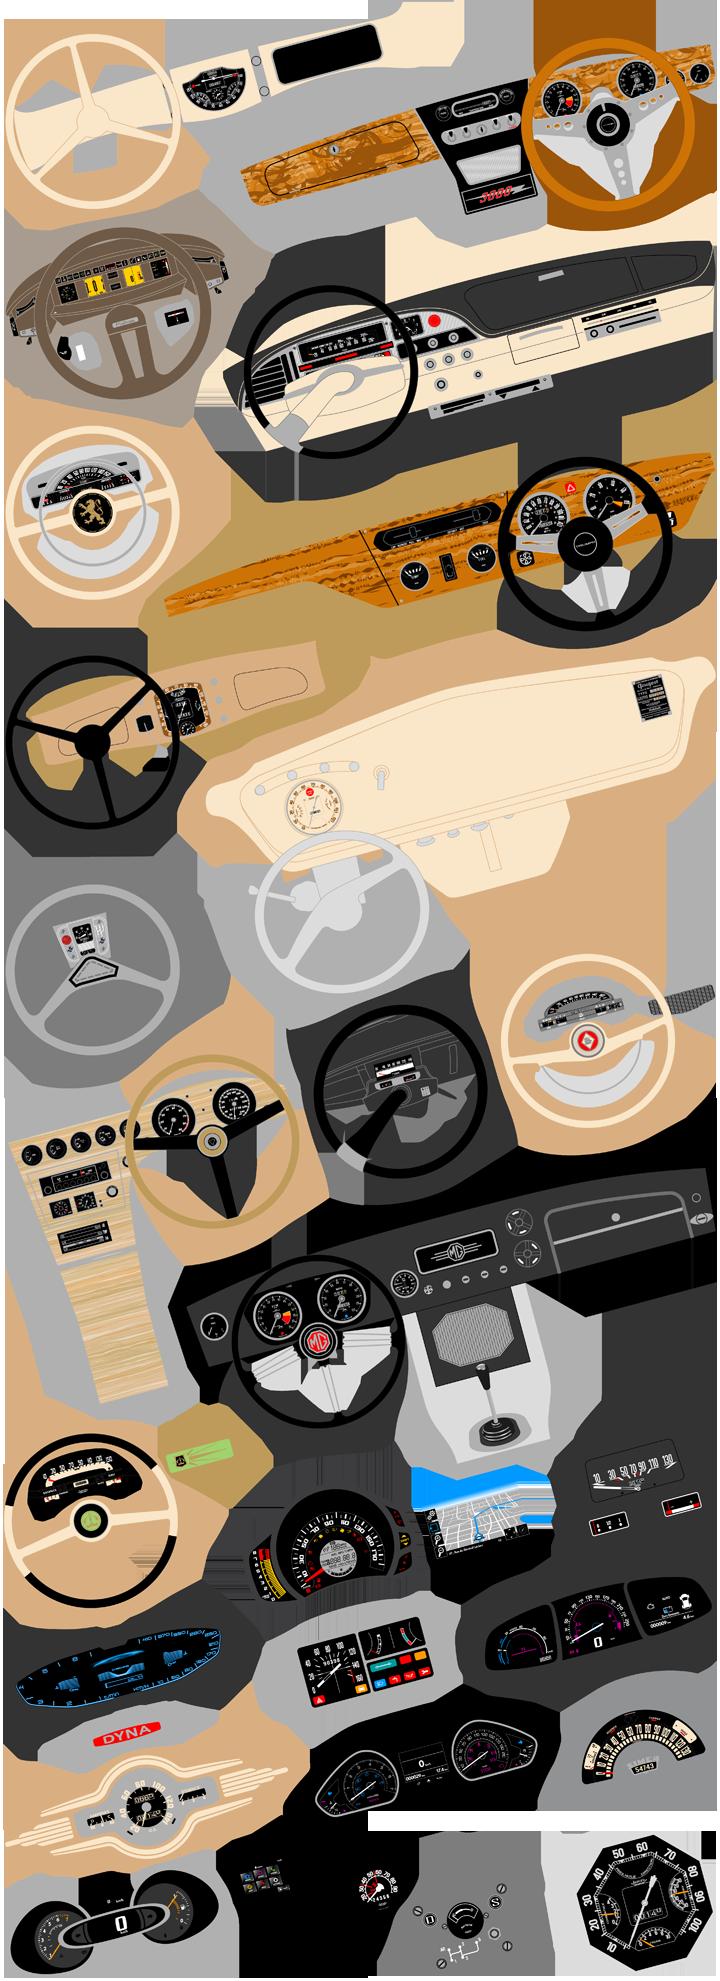 Artworks de tableaux de bord ou de planches de bord de véhicules. Cliquez pour afficher en HD